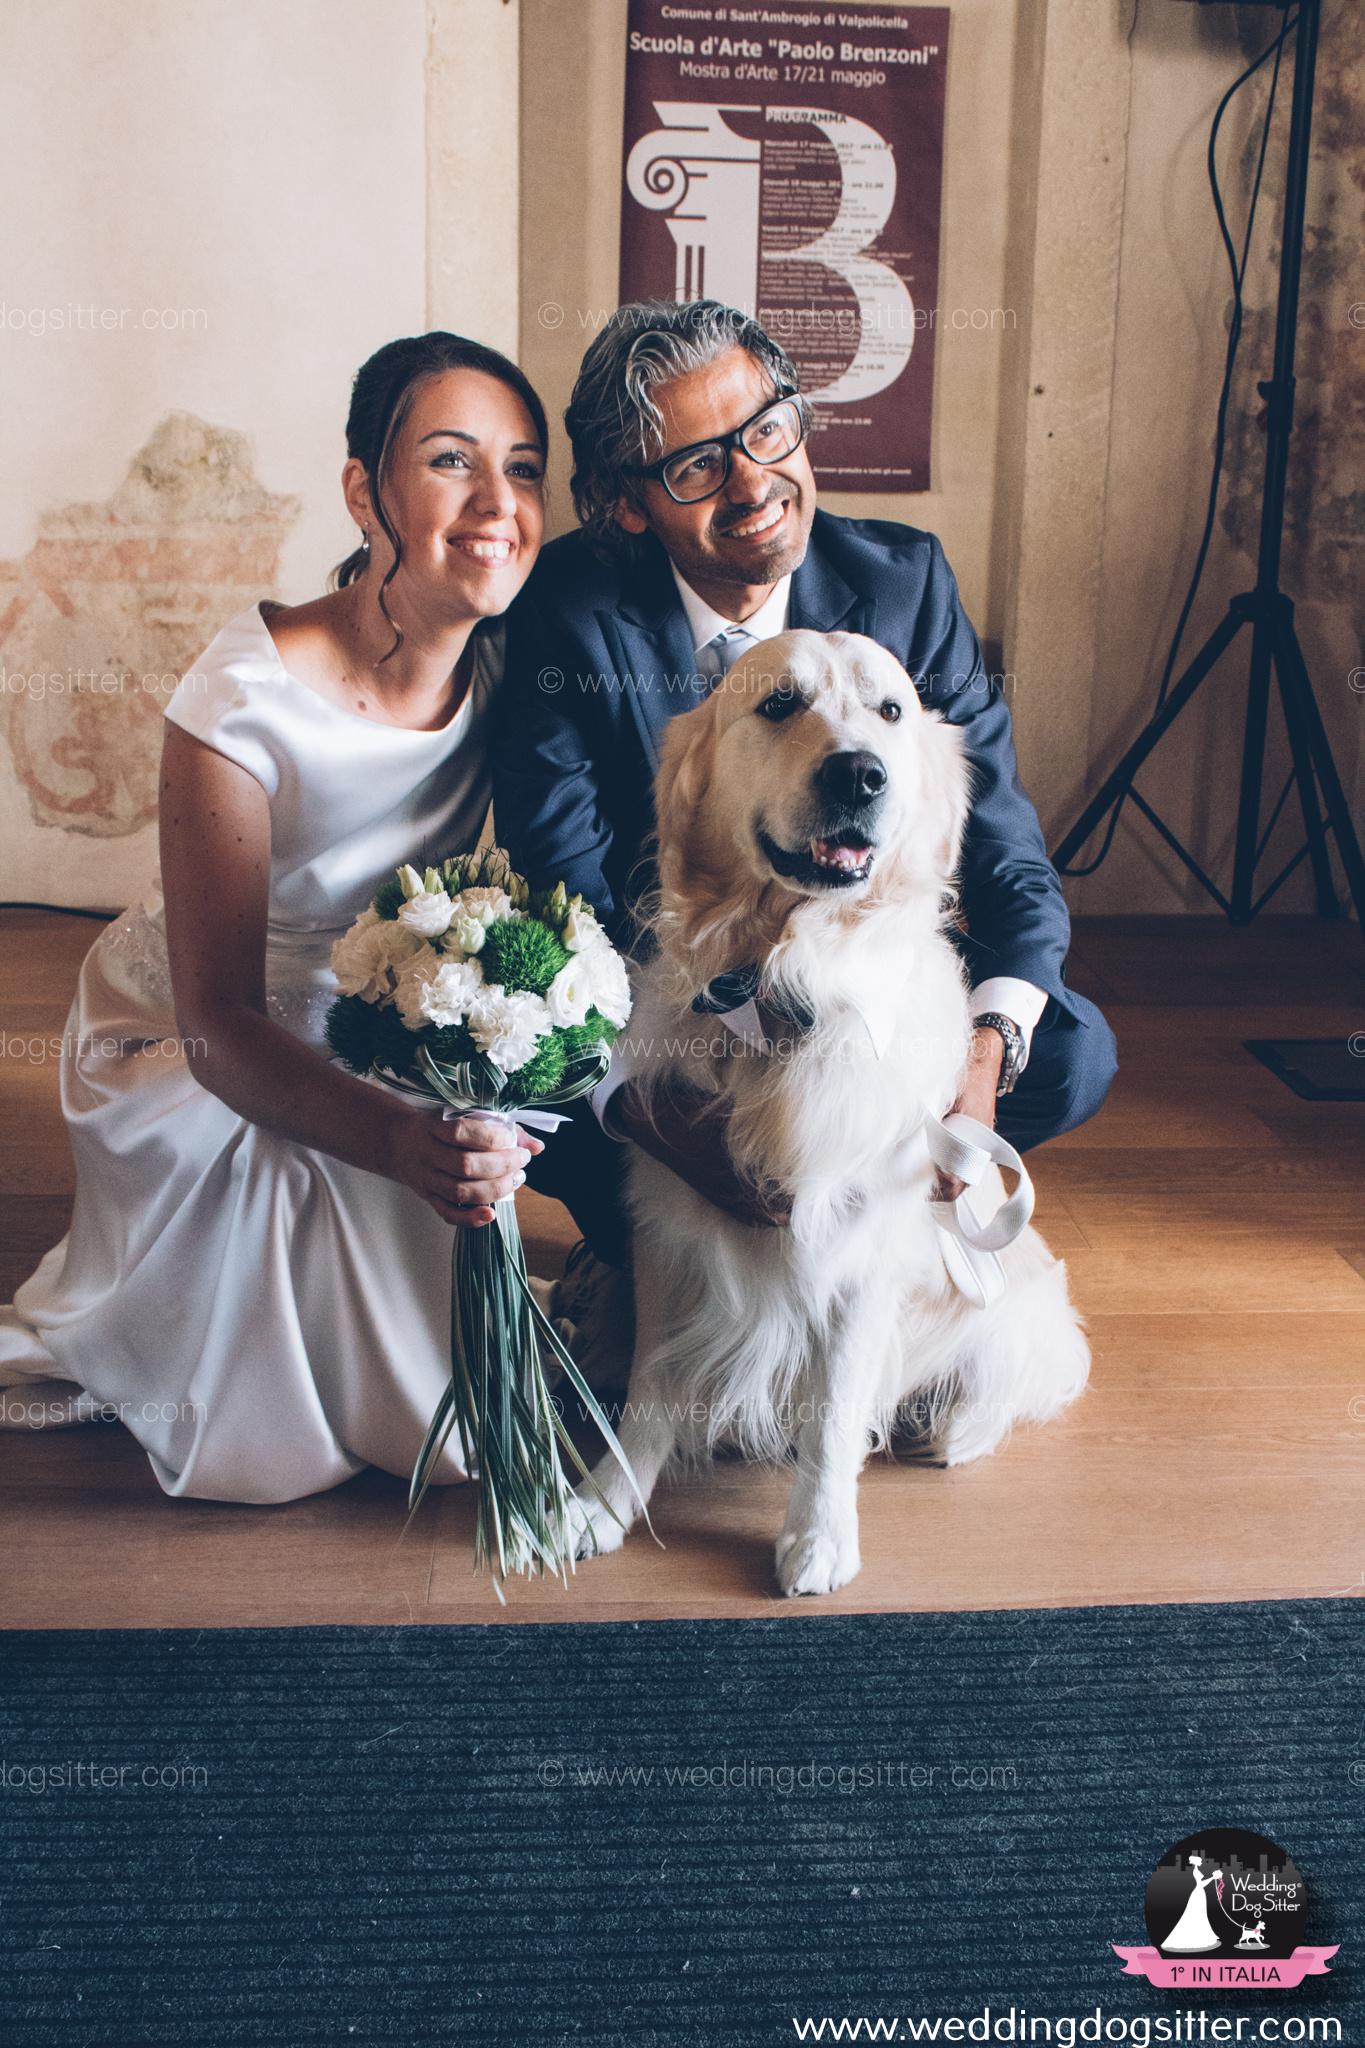 Il cane al matrimonio a Verona